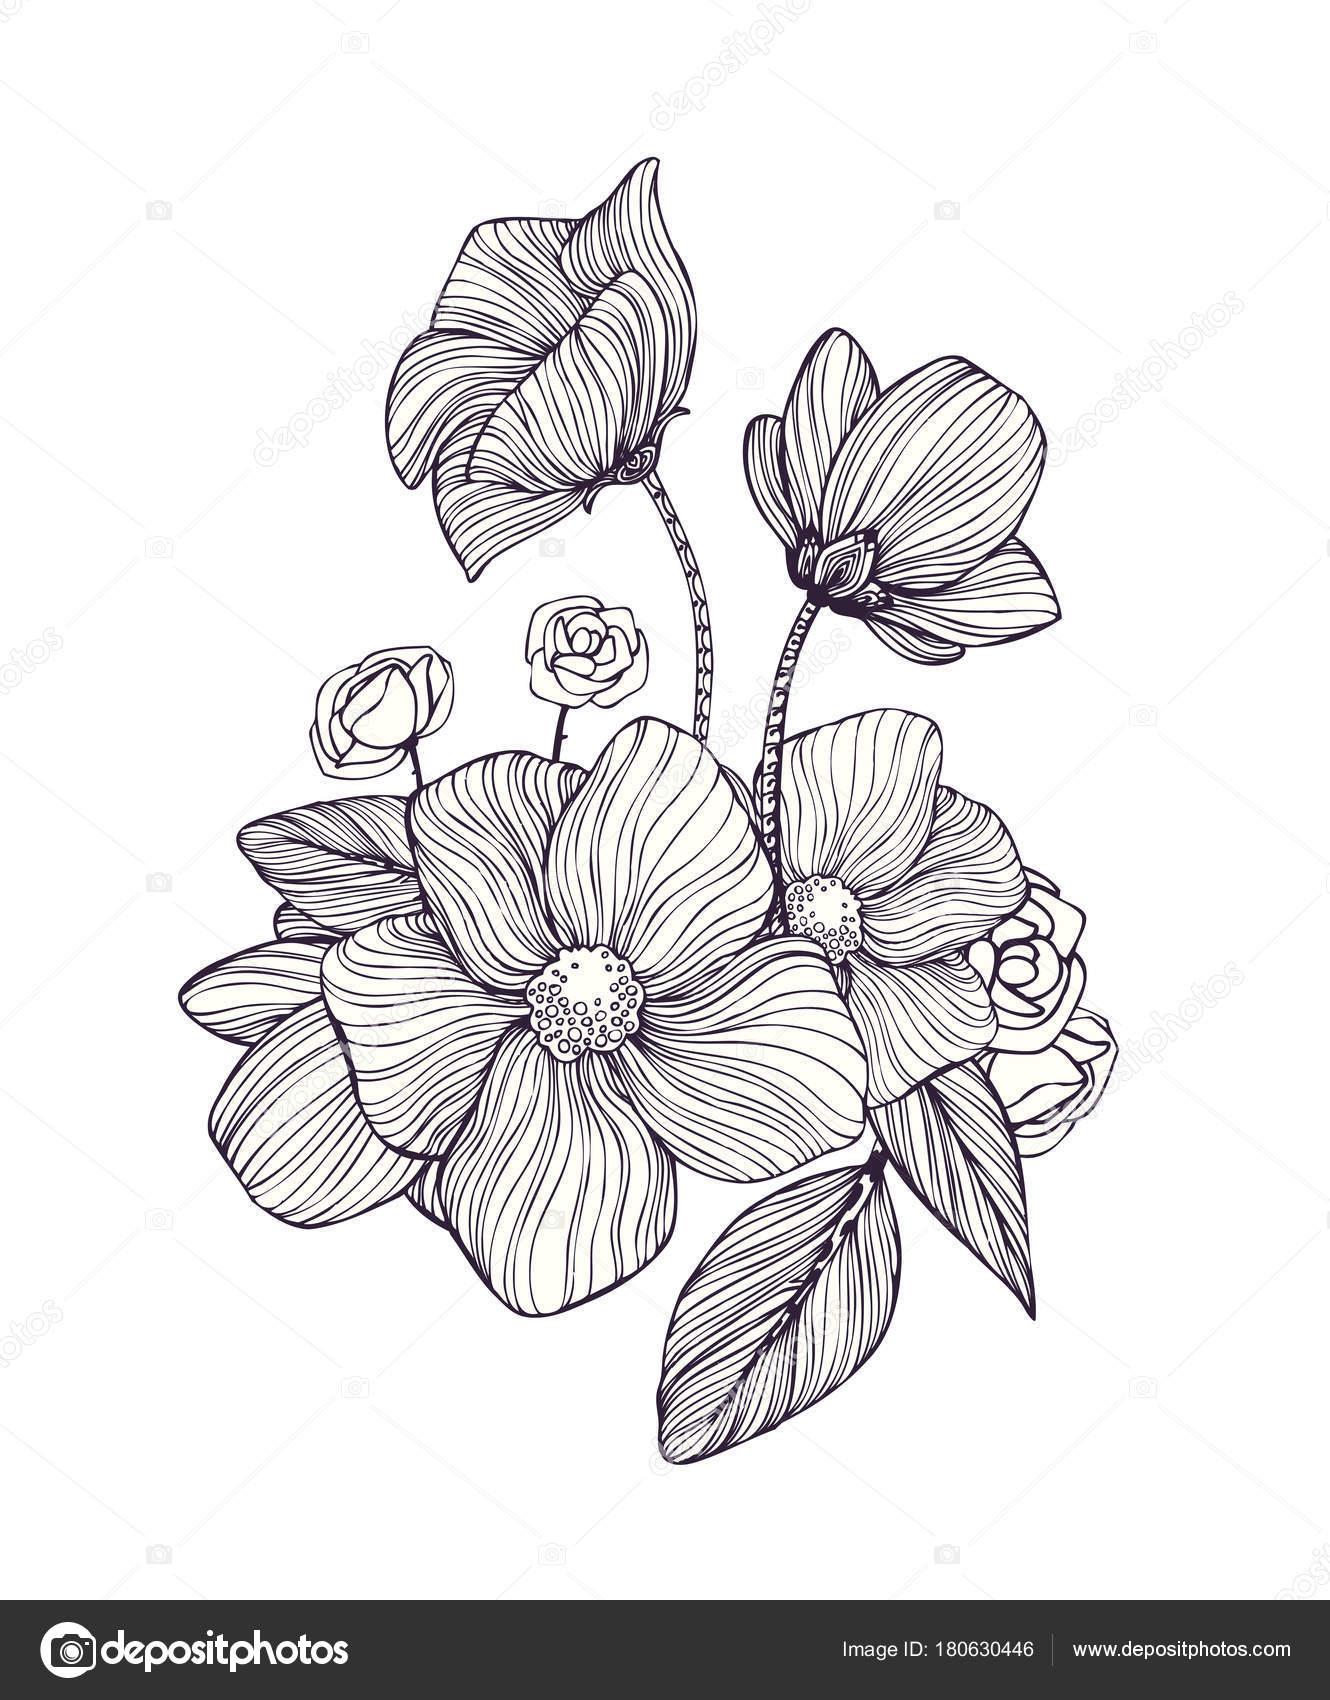 черно белые декоративные фантастические цветы волшебная